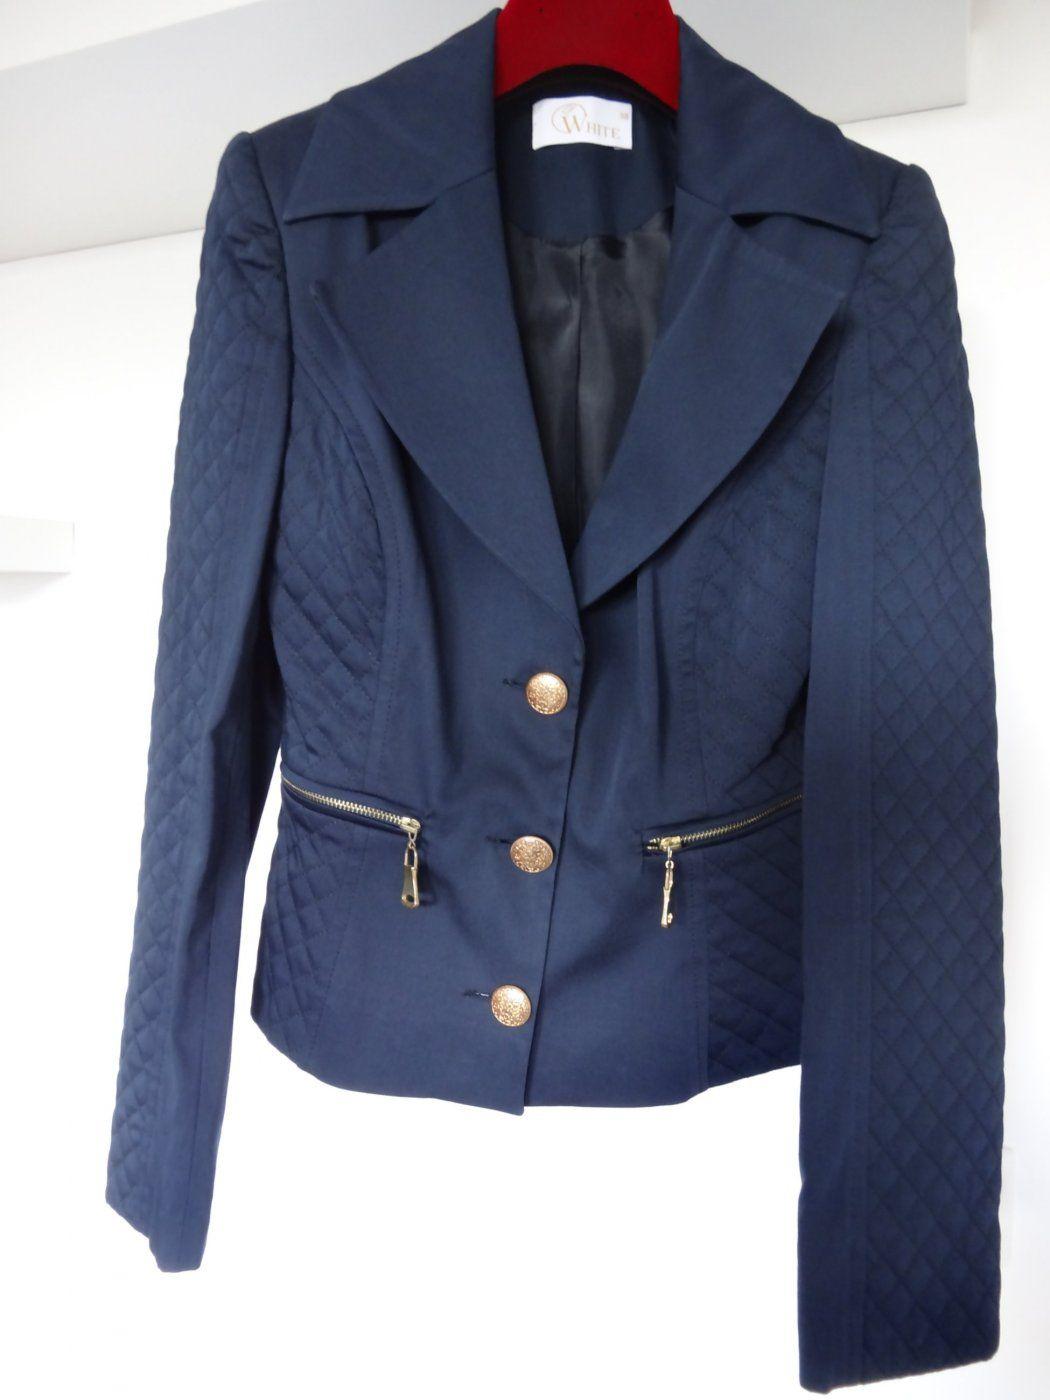 Taillierter Blazer mit Steppdetails und goldfarbenen Knöpfen | Mädchenflohmarkt